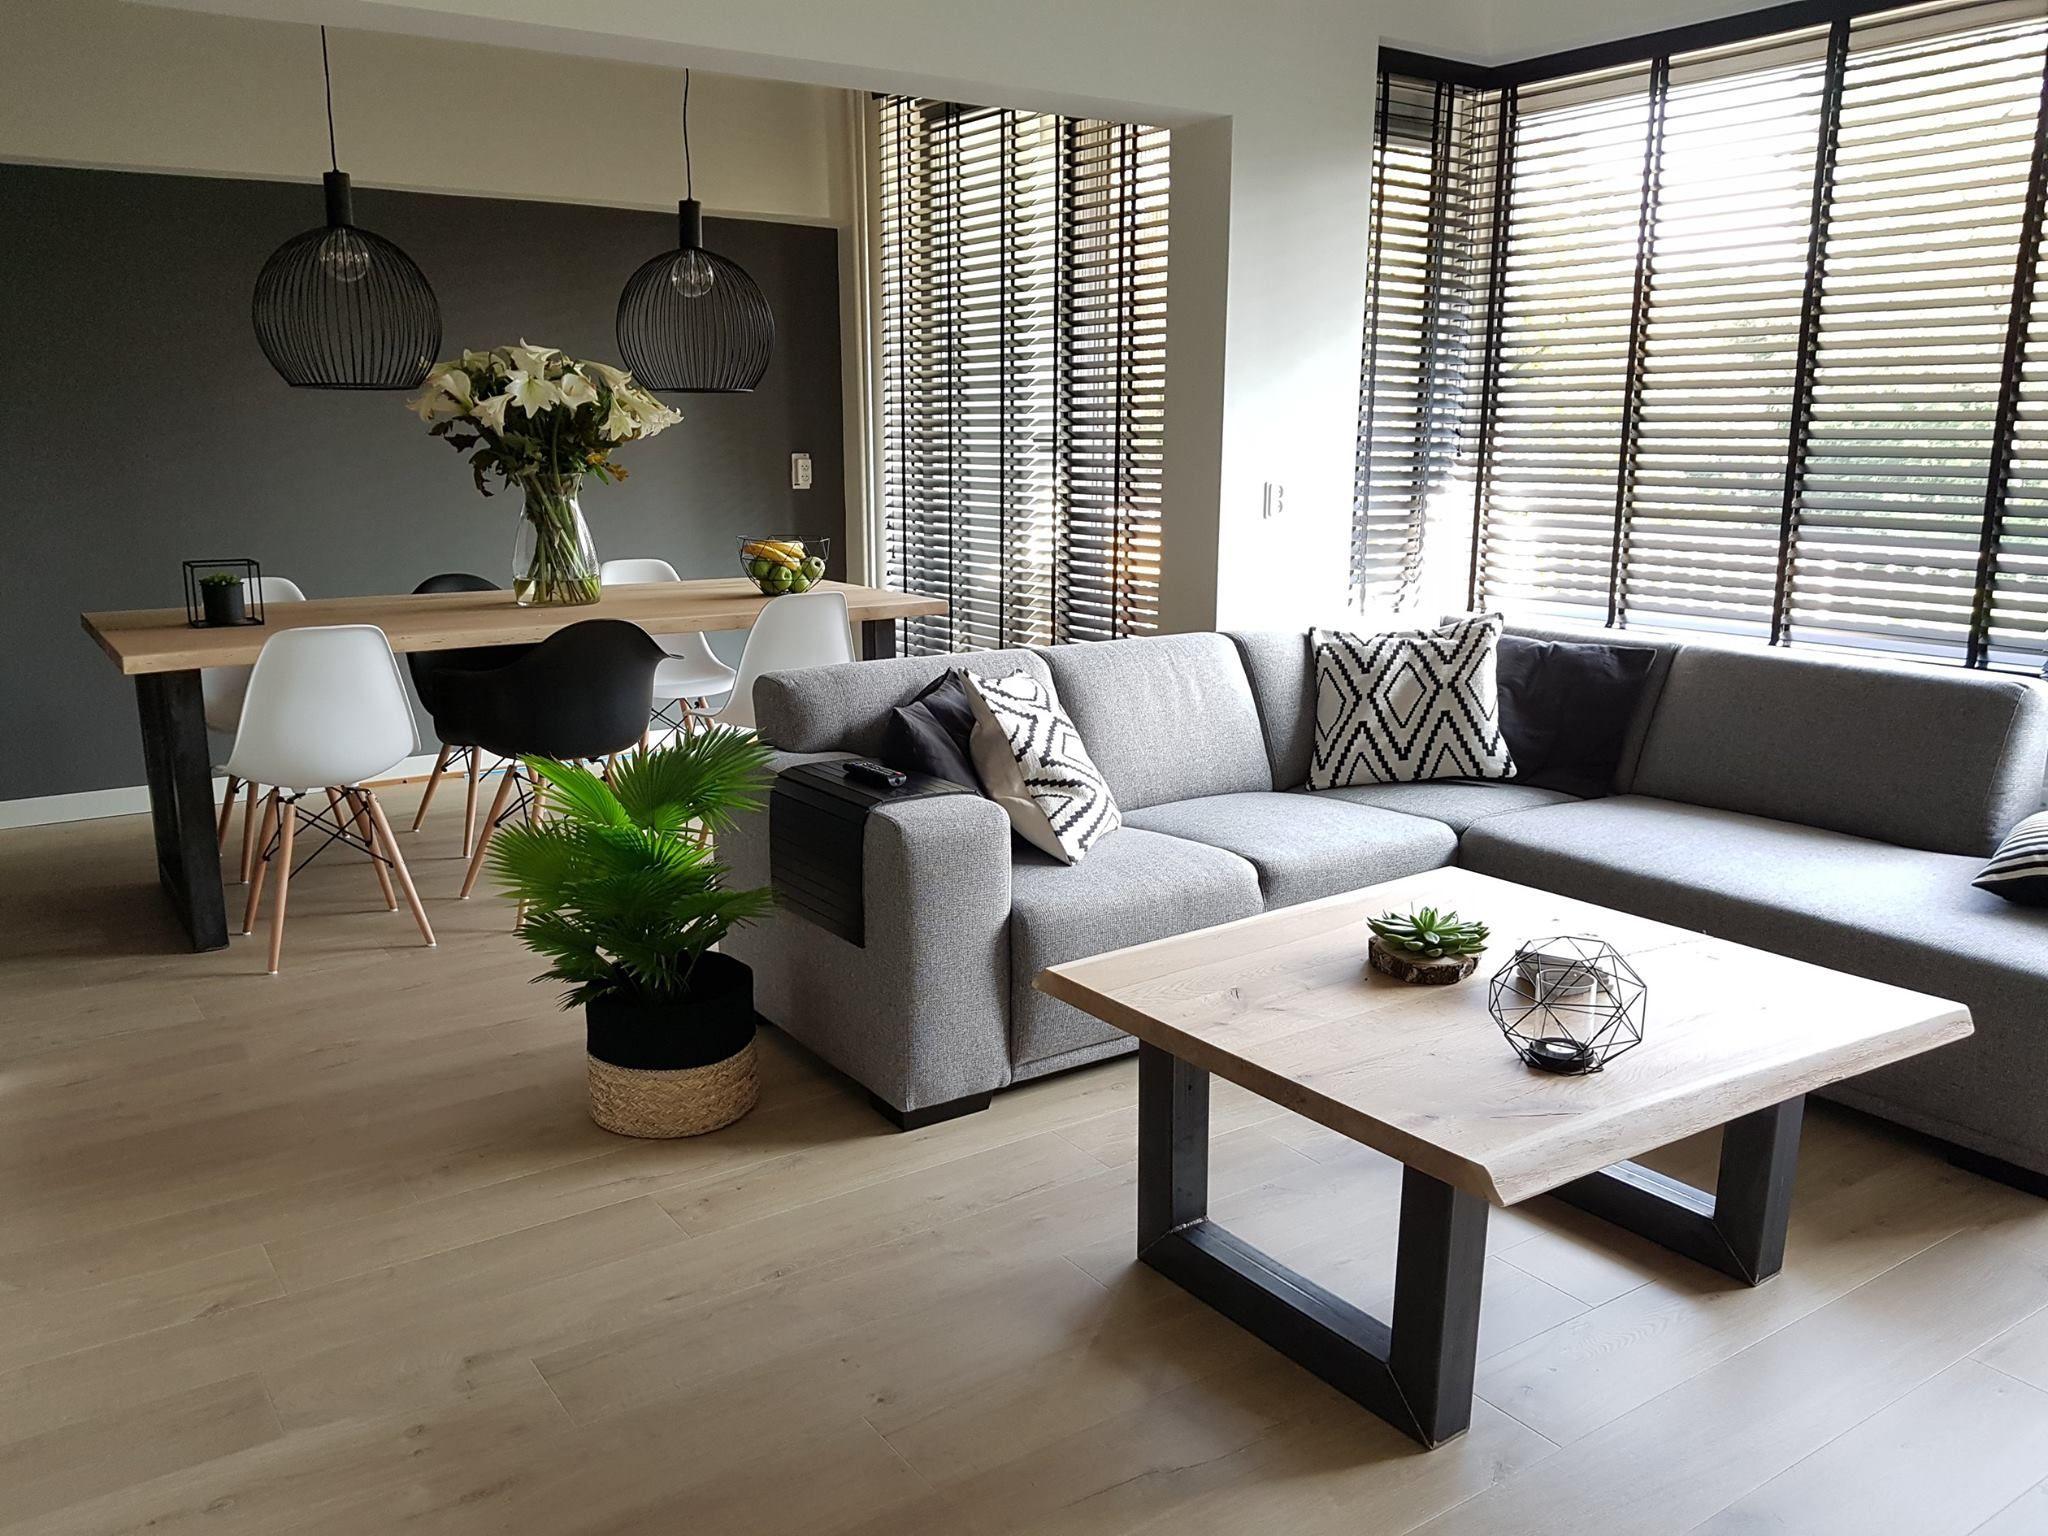 Woonkamer met zithoek lichte vloer grijze bank donkere Grijze woonkamer